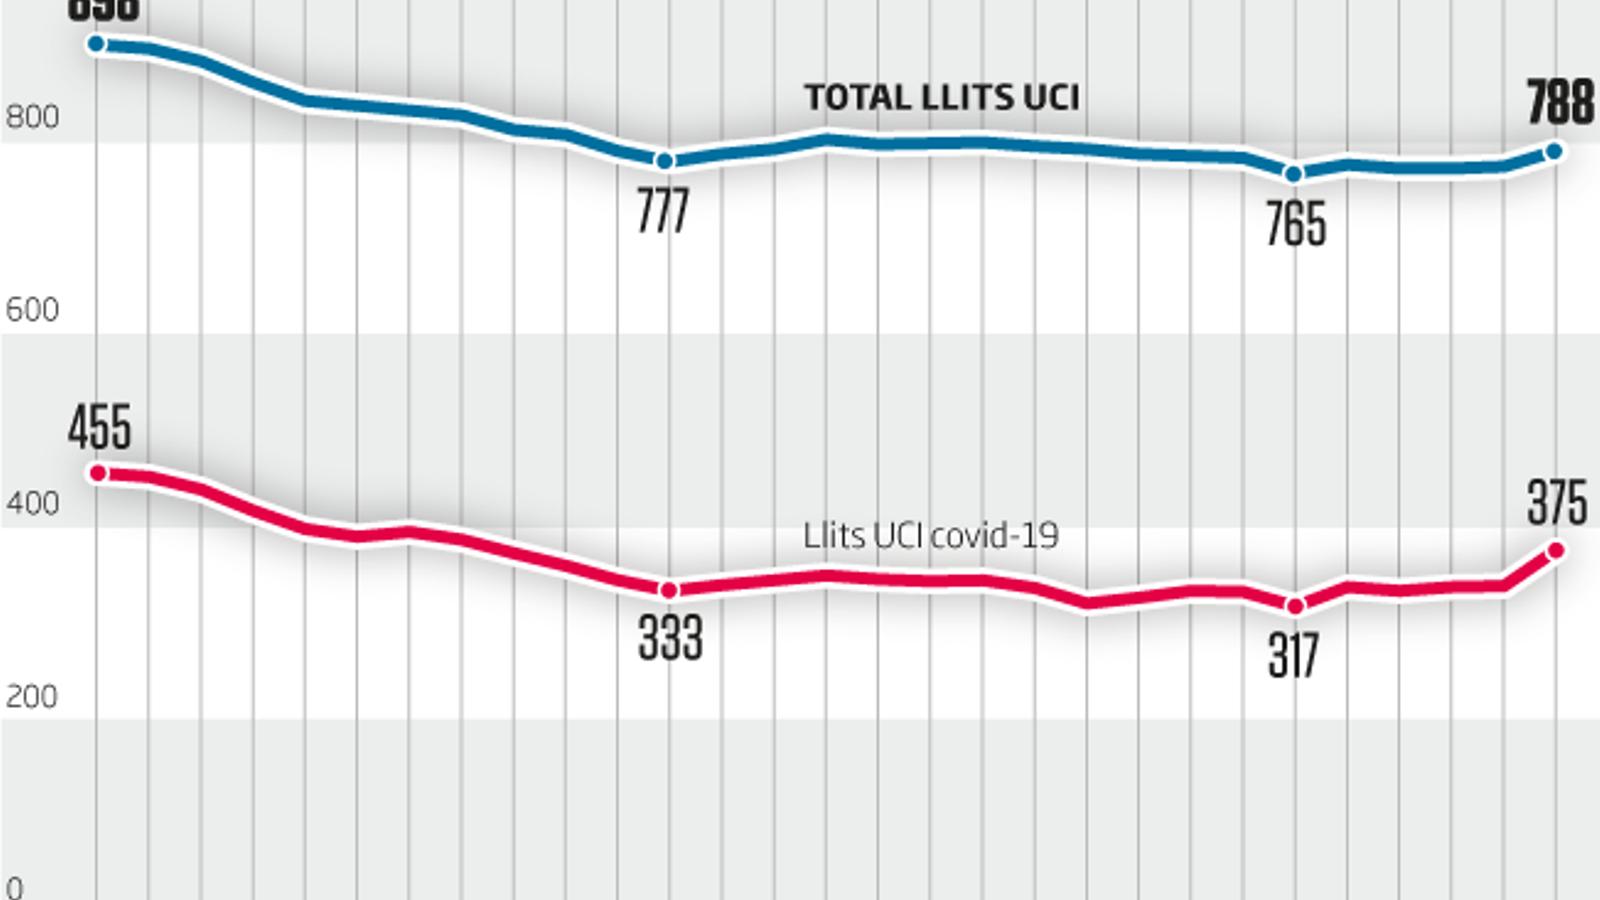 Creix la pressió als hospitals catalans: segueixen disparades les hospitalitzacions i hi ha 37 nous pacients a les UCI